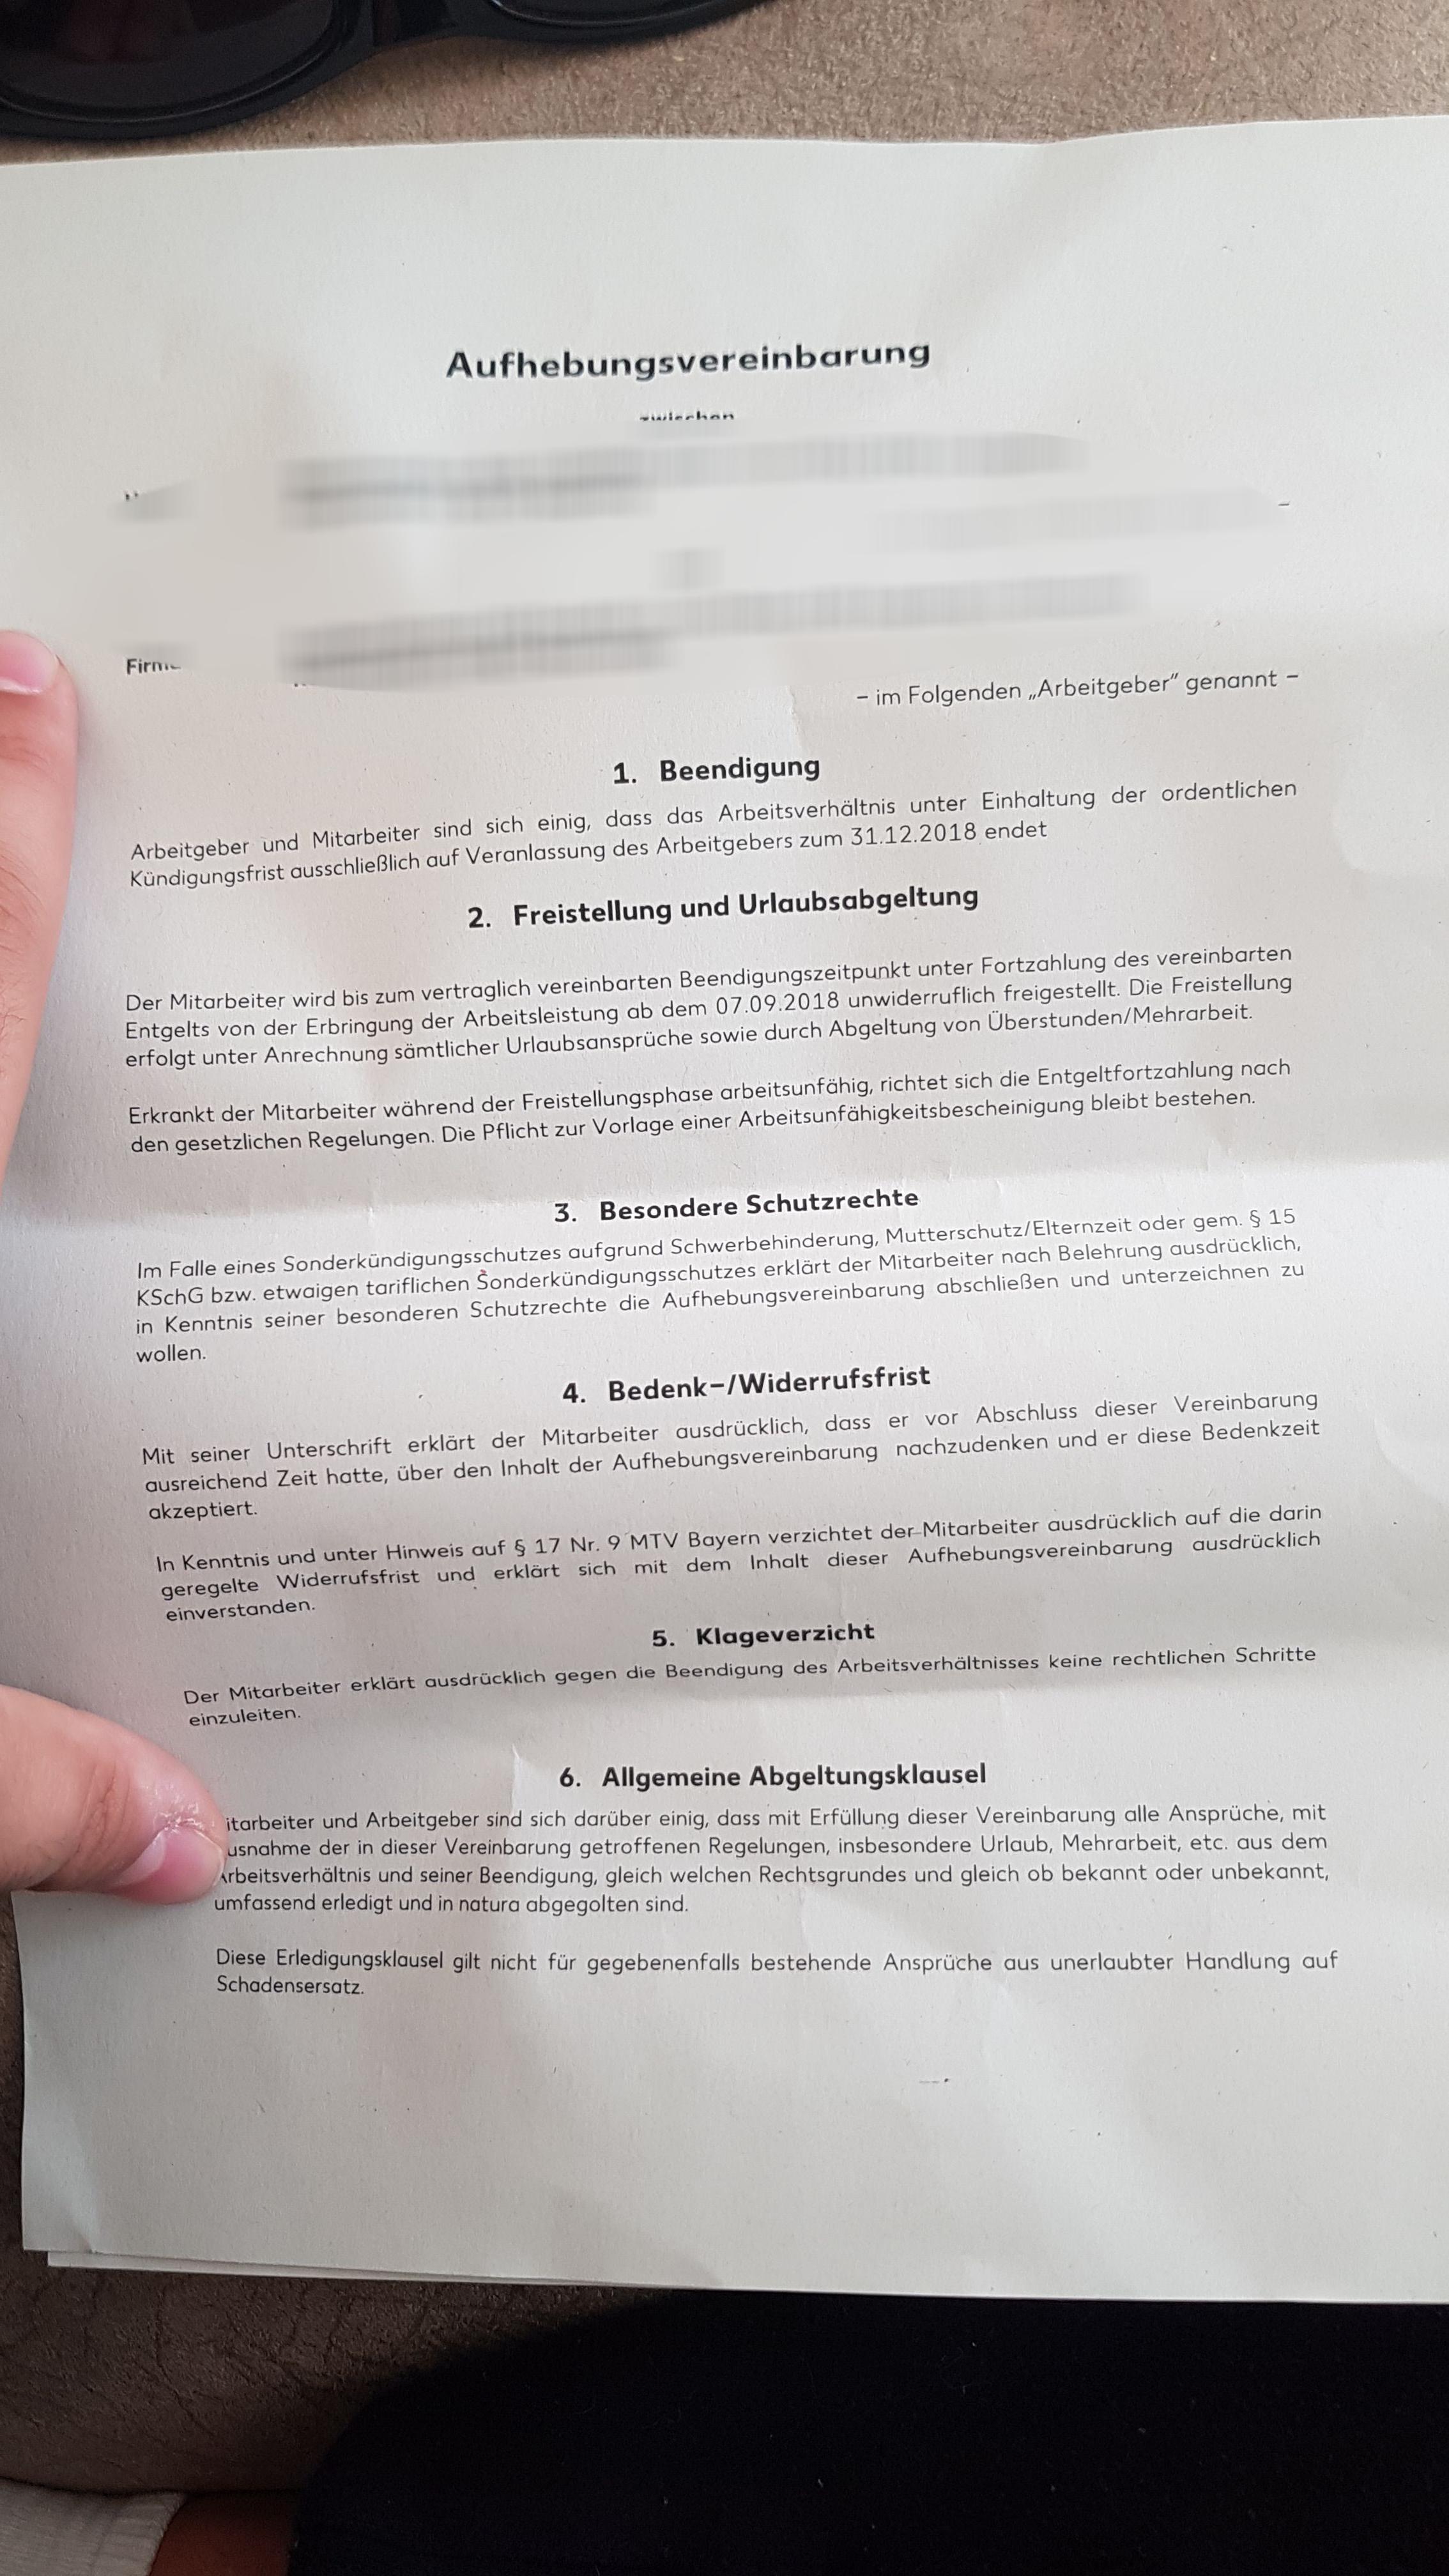 Hilfe Bei Aufhebungsvereinbarung Unterschreiben Oder Nicht Recht